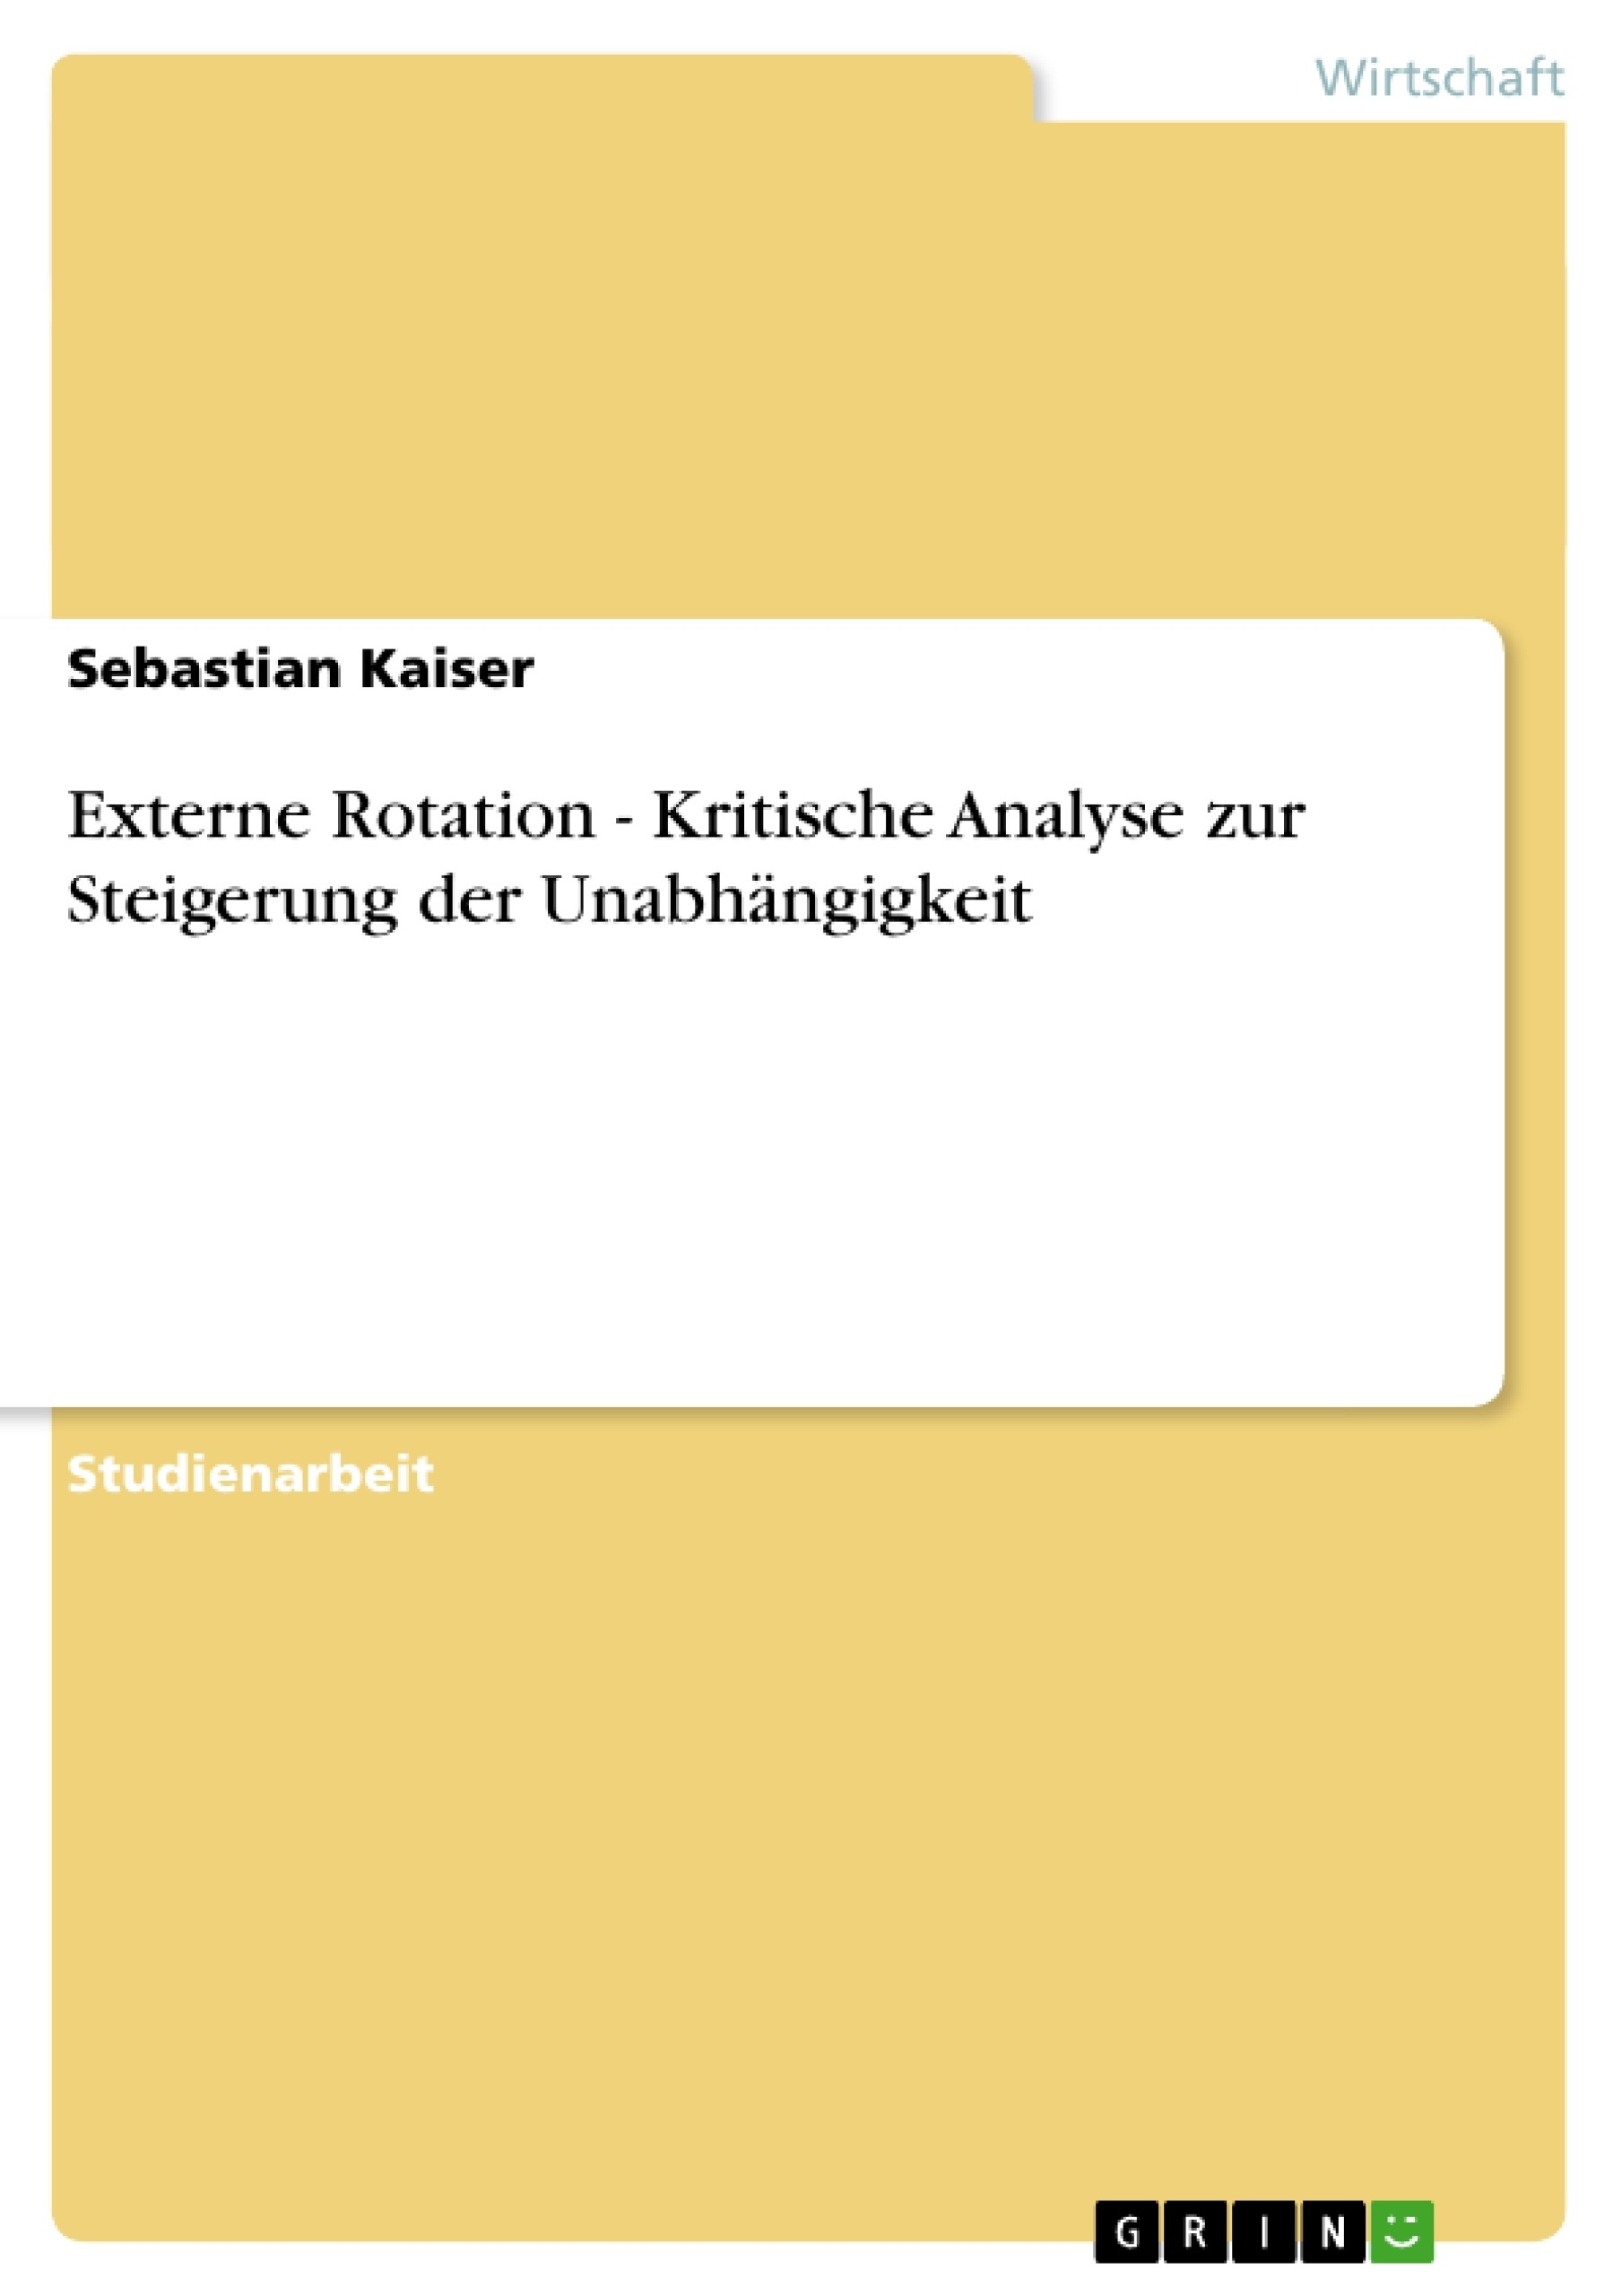 Titel: Externe Rotation - Kritische Analyse zur Steigerung der Unabhängigkeit